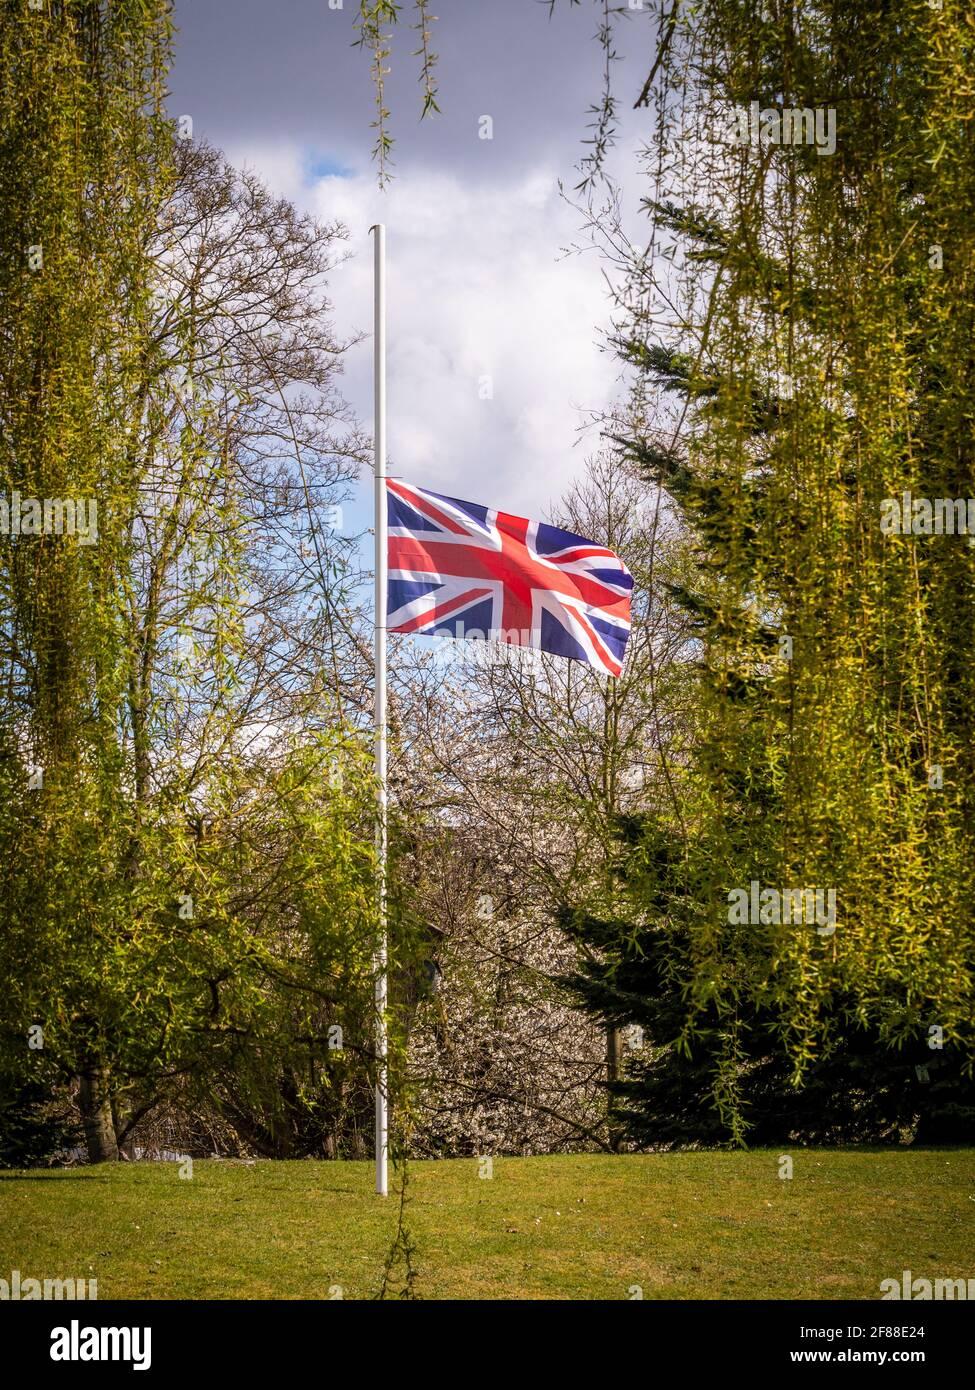 Bandiera Union Jack che vola a metà albero Foto Stock